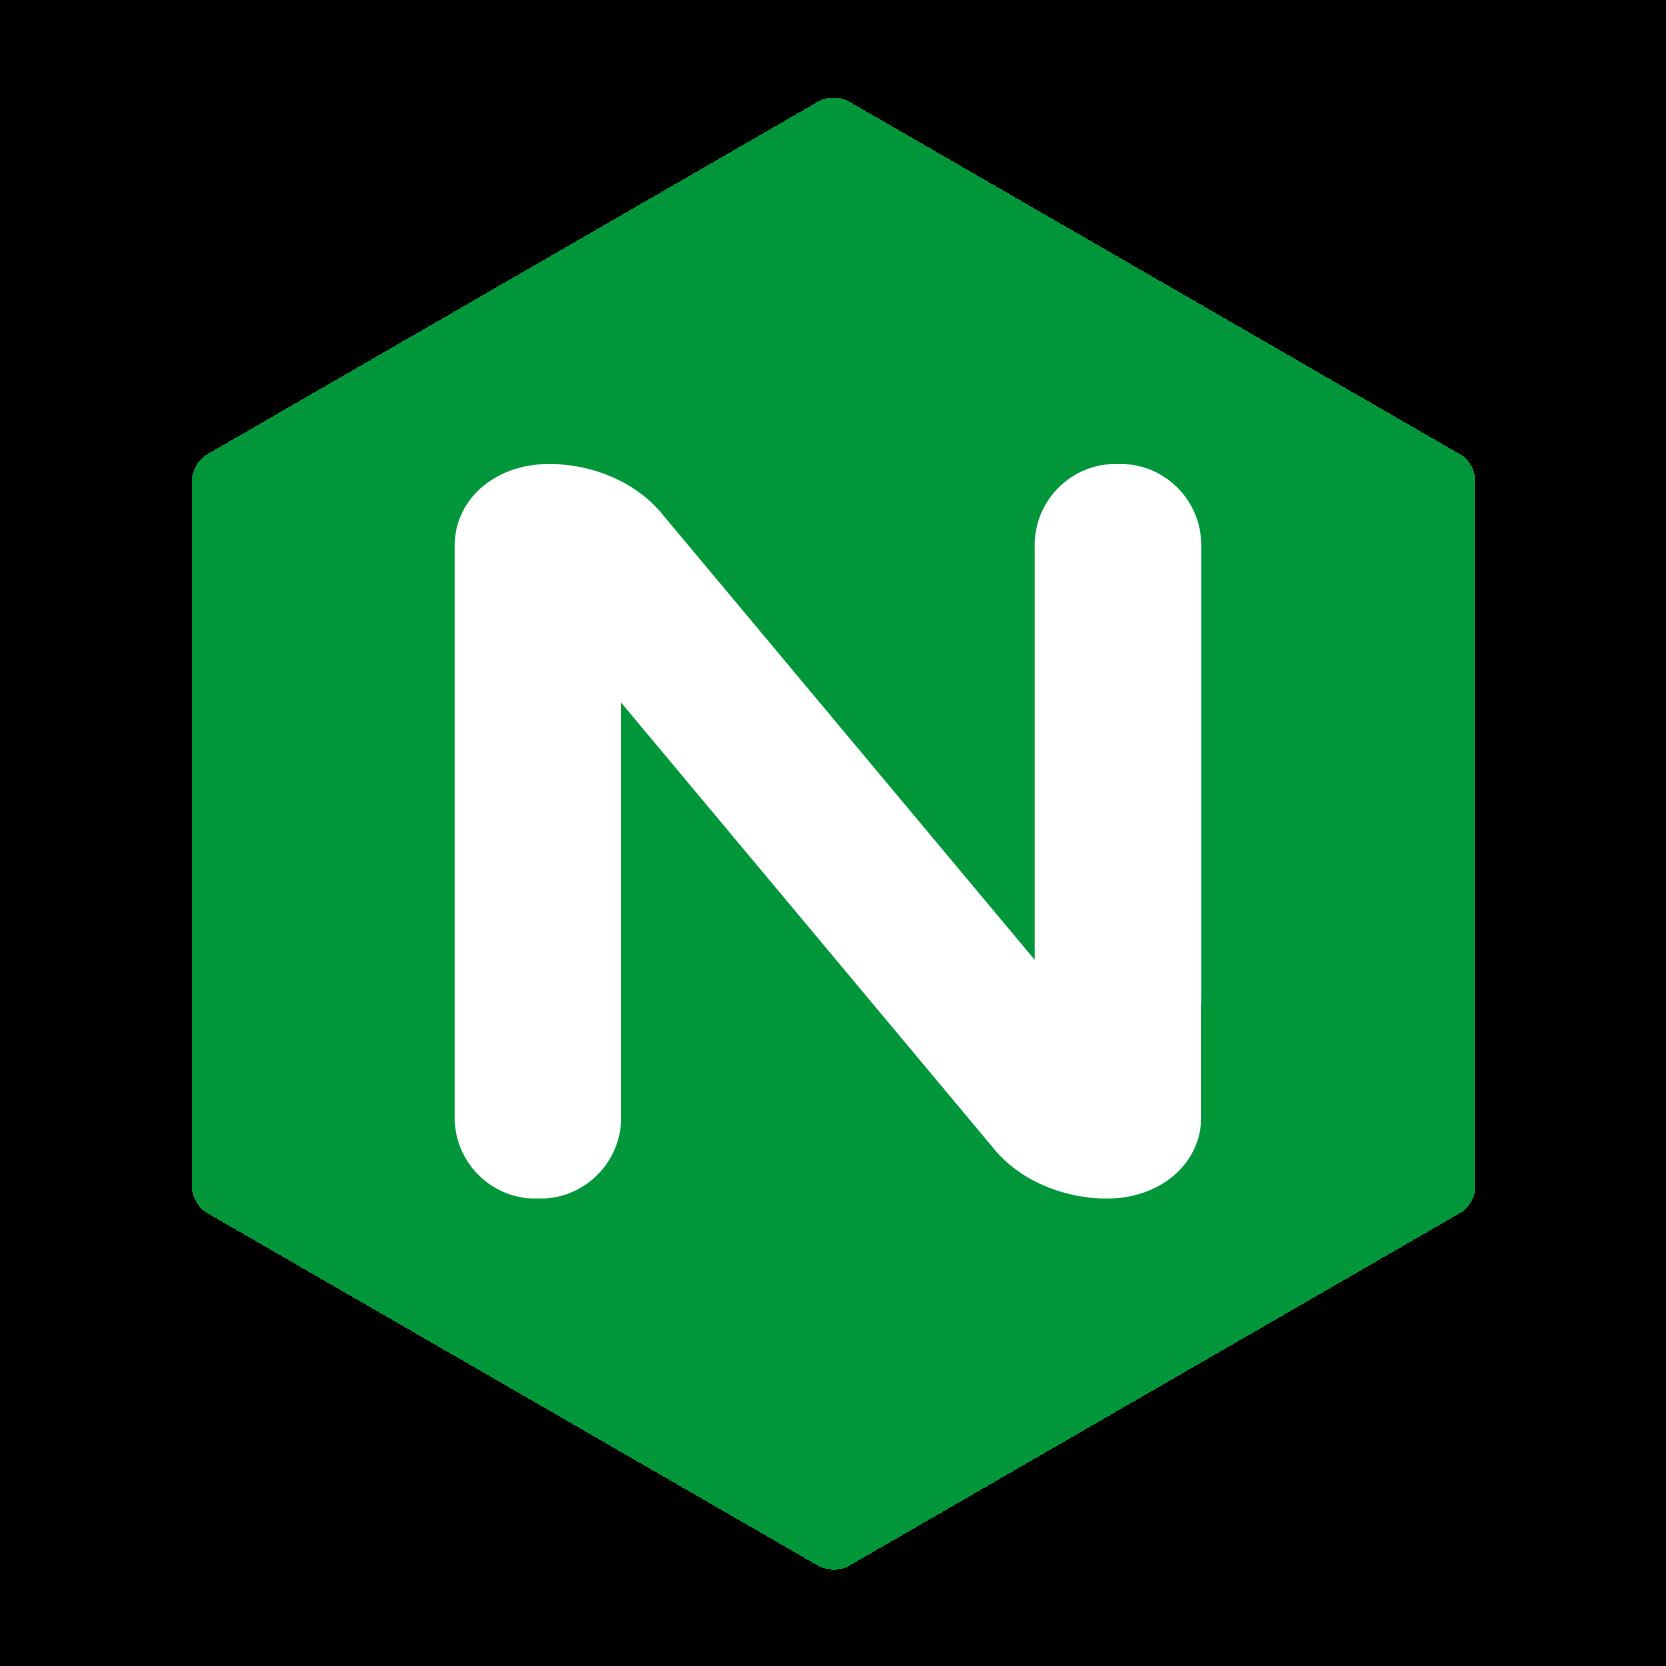 ngnix logo